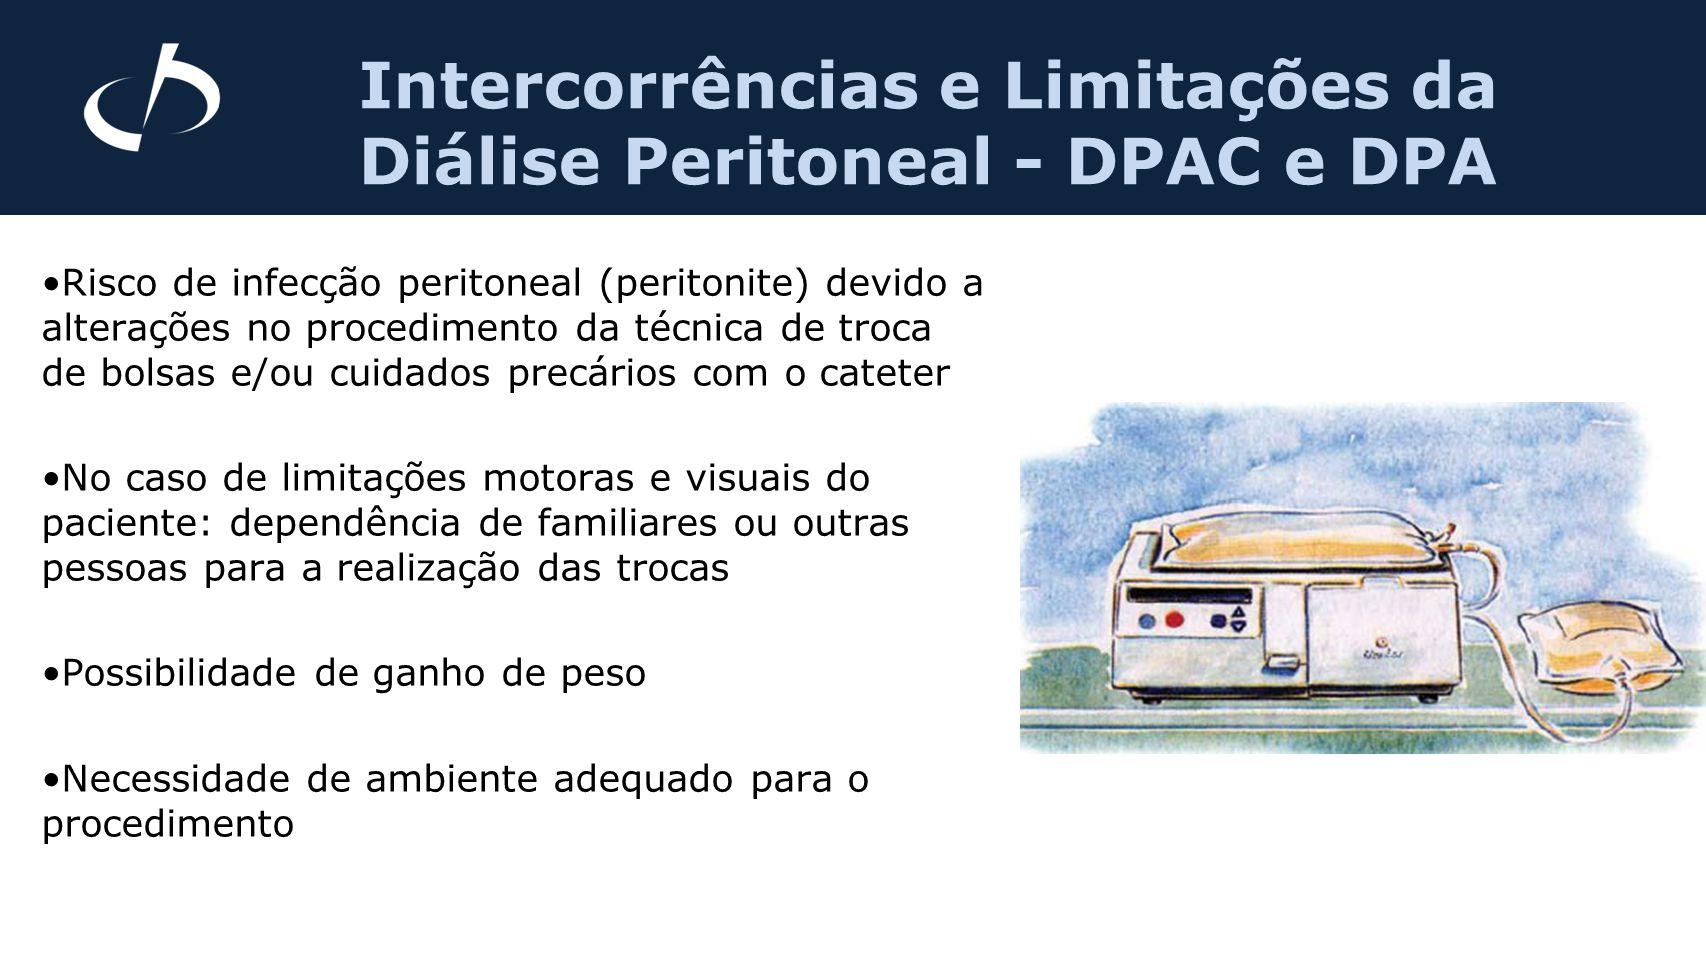 Intercorrências e Limitações da Diálise Peritoneal - DPAC e DPA